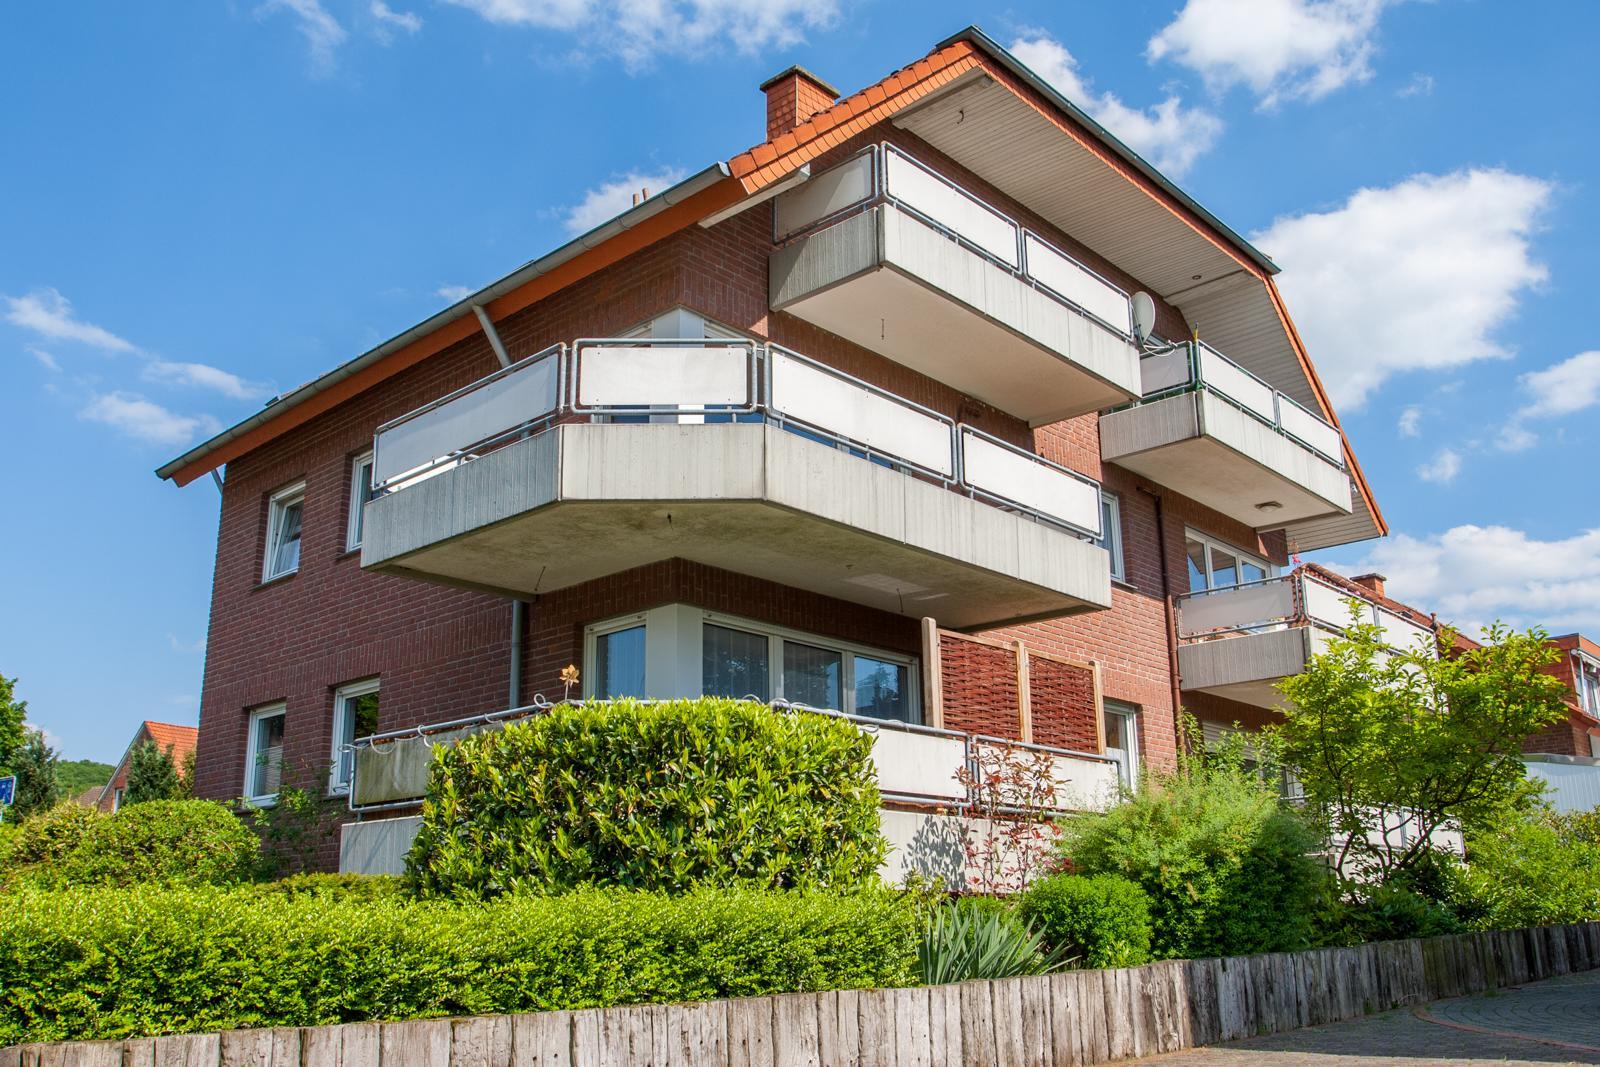 ger umige 4 zimmer maisonette wohnung mit zwei balkonen und ber 100 m wfl farthmann immobilien. Black Bedroom Furniture Sets. Home Design Ideas